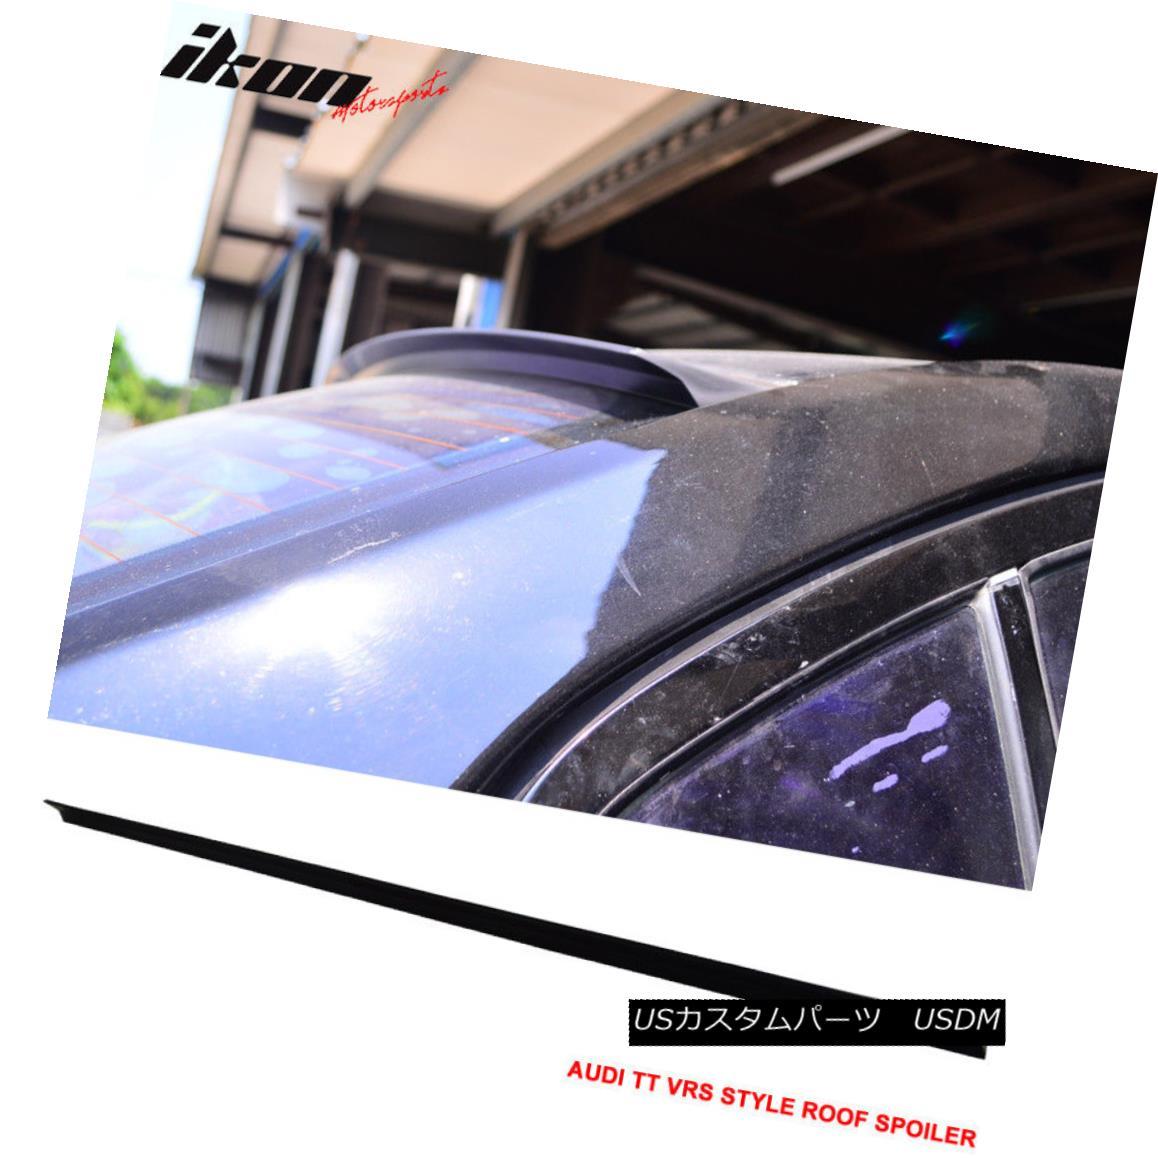 エアロパーツ 07-14 Audi TT 8J VRS Style Roof Spoiler Unpainted Black - PUF 07-14 Audi TT 8J VRSスタイルルーフスポイラー無塗装黒 - PUF